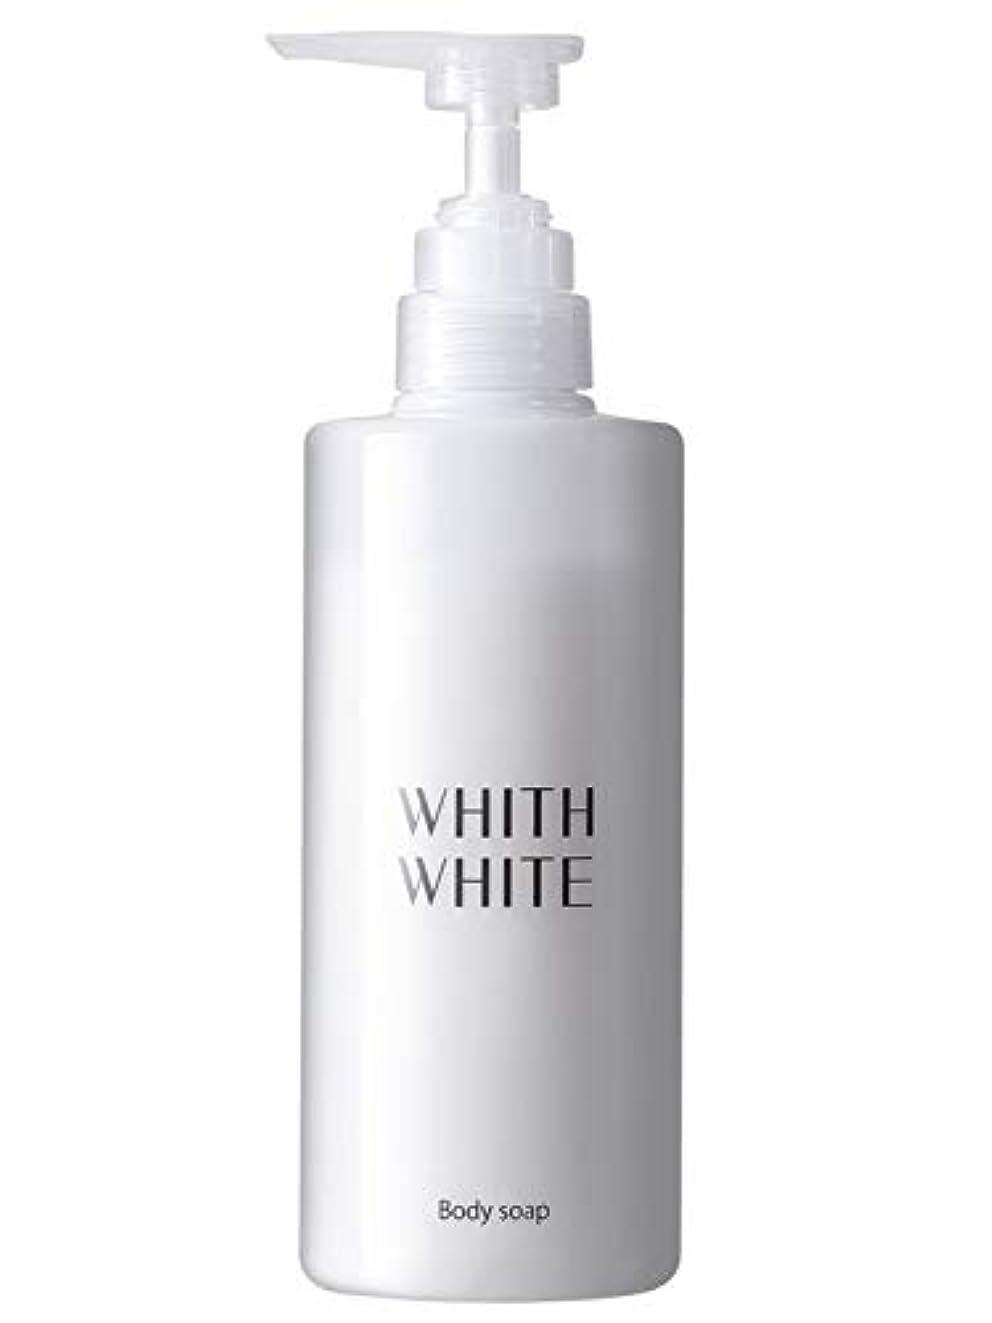 ウェイトレススラッシュ針フィス ホワイト ボディソープ 【 エレガントフローラルのいい香り 】 無添加 保湿 ボディーソープ 「 泡で黒ずみ さっぱり ボディシャンプー 」「 ヒアルロン酸 コラーゲン セラミド 配合」450ml